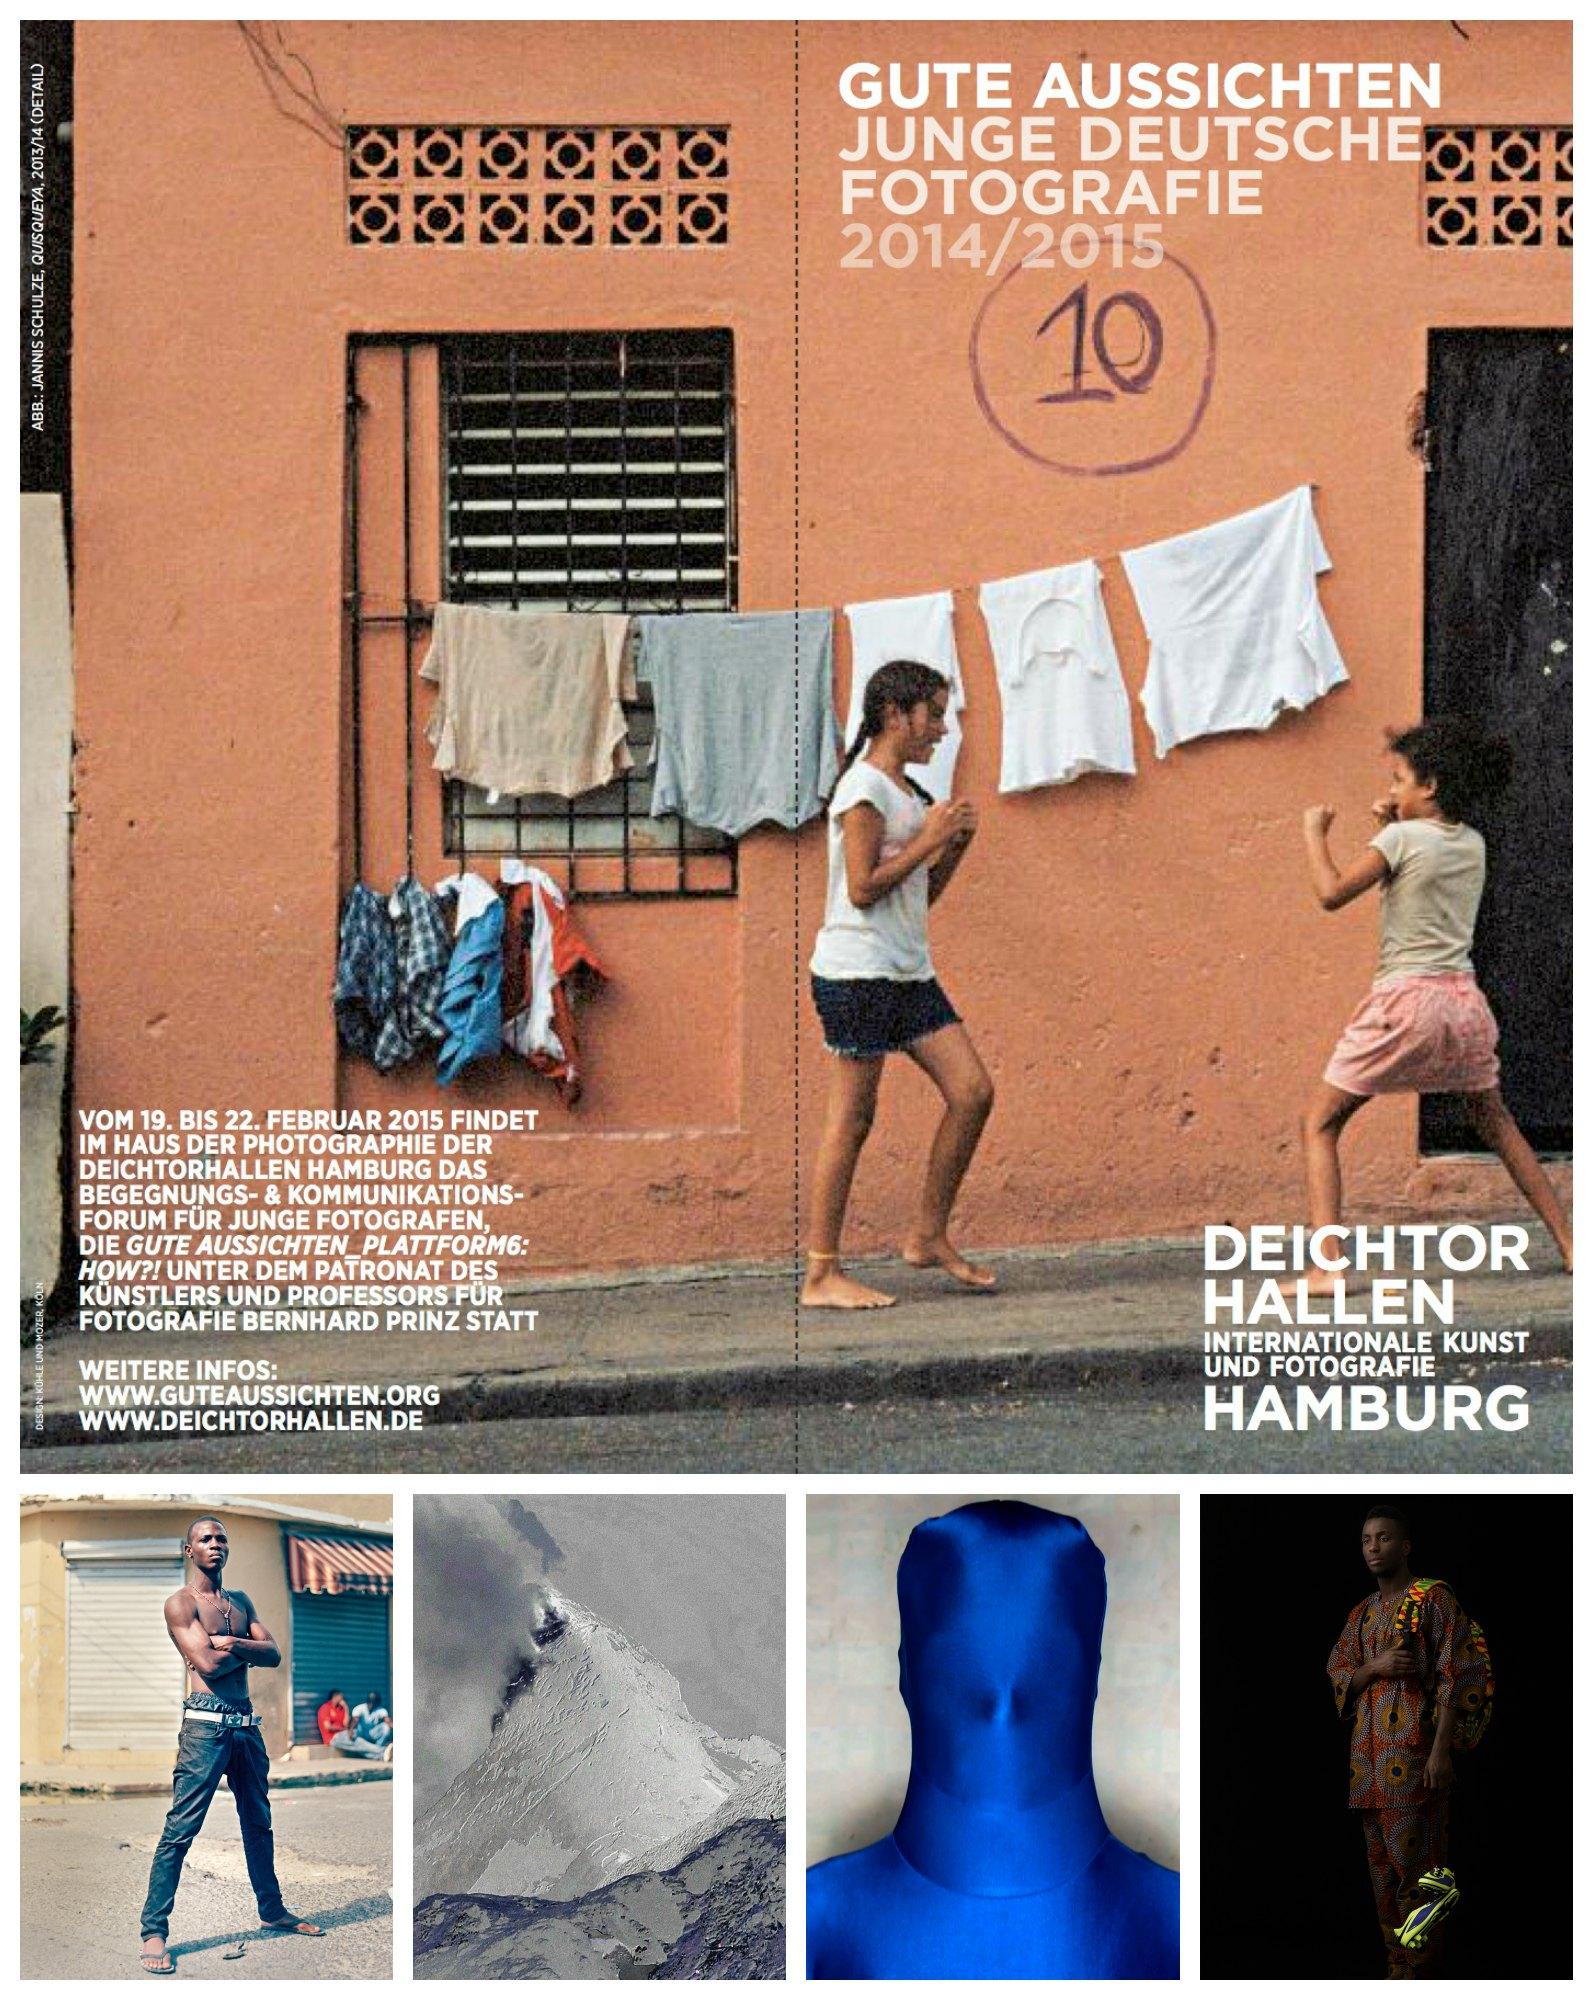 Großer Ausstellungs-Tipp: gute aussichten – junge deutsche fotografie 2014 / 2015! Instagramers & Fotofilter-Akrobaten – sperrt eure Lauscher auf, denn hier gibt es richtig was zu gucken! Im elften Jahr von gute aussichten wählte die siebenköpfige Jury acht Arbeiten aus, wie sie unterschiedlicher kaum sein könnten. Zusammen umfassen sie über 300 Motive, 2 Videoprojektionen und 3 Künstlerbücher! Die Ausstellung startet heute und ist noch bis zum 8. März 2015 im Haus der Photographie (Deichtorhallen)